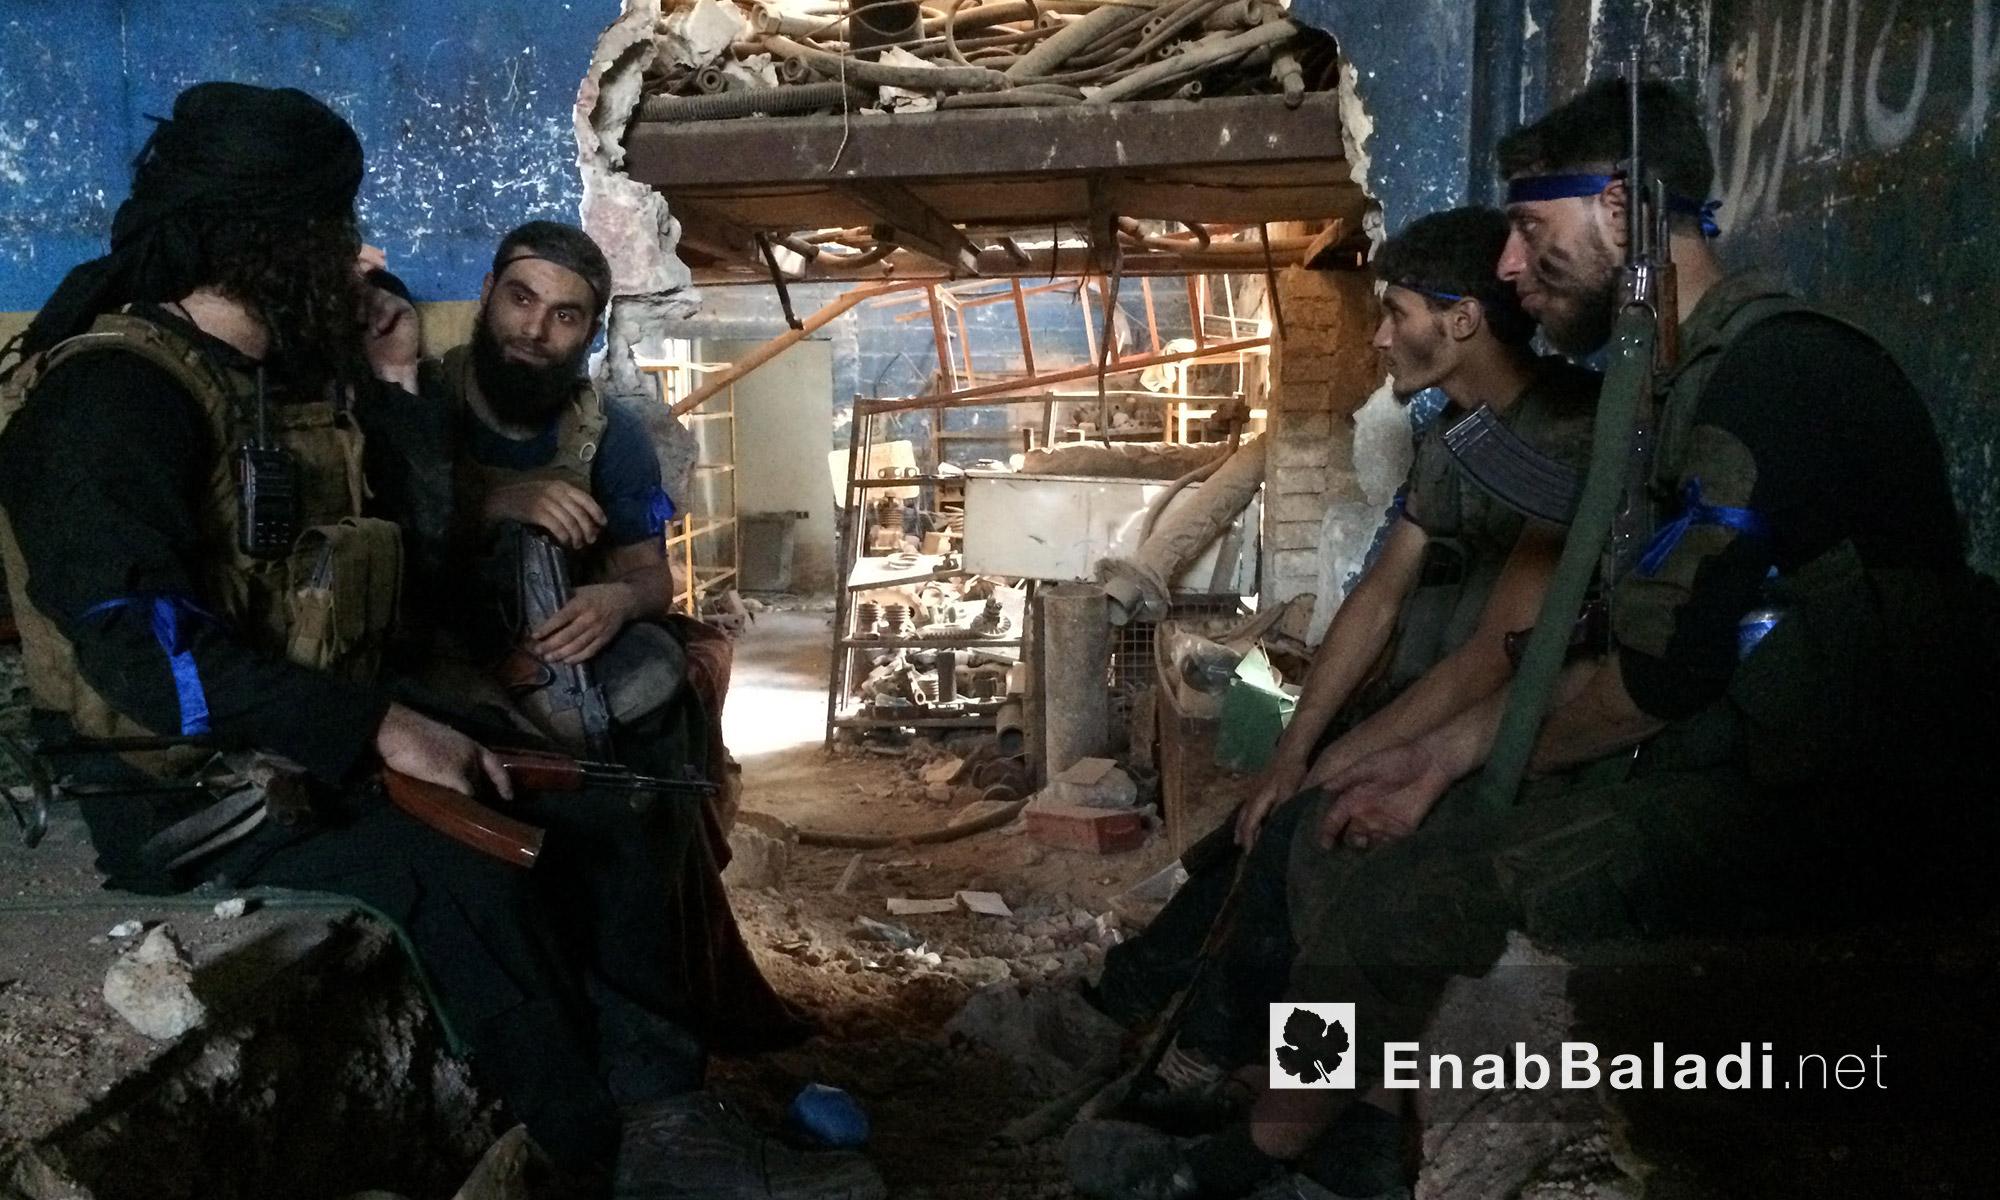 مقاتلون من المعارضة على جبهة الراموسة في حلب - الجمعة 6 آب (عنب بلدي)